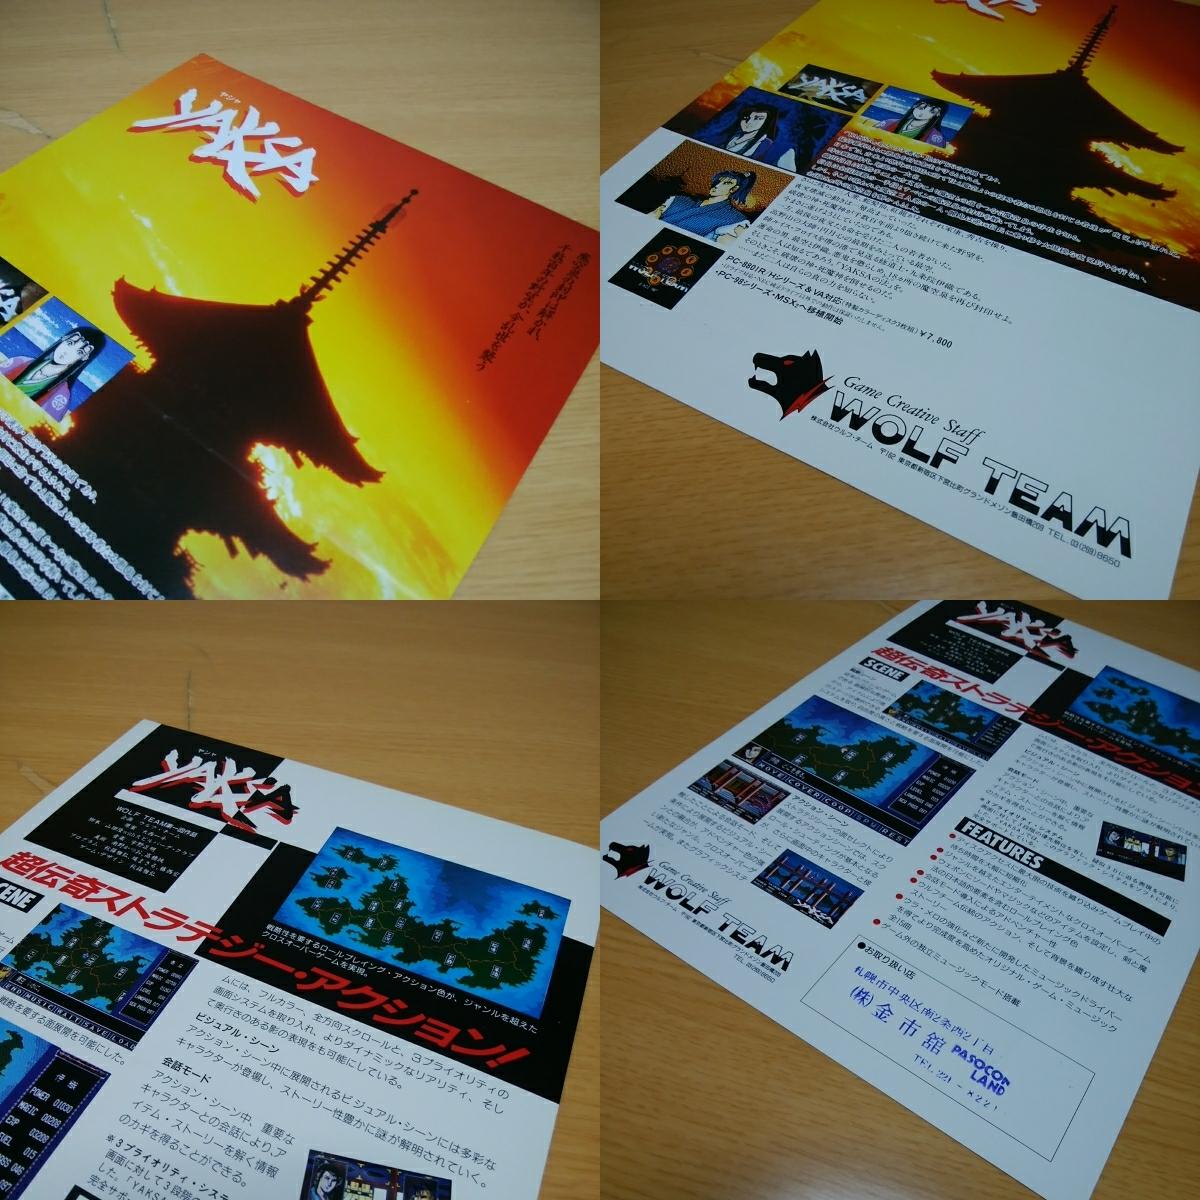 ヤシャ PC-8801 YAKSA チラシ 販促 美品 レア ゲーム ウルフチーム_画像3